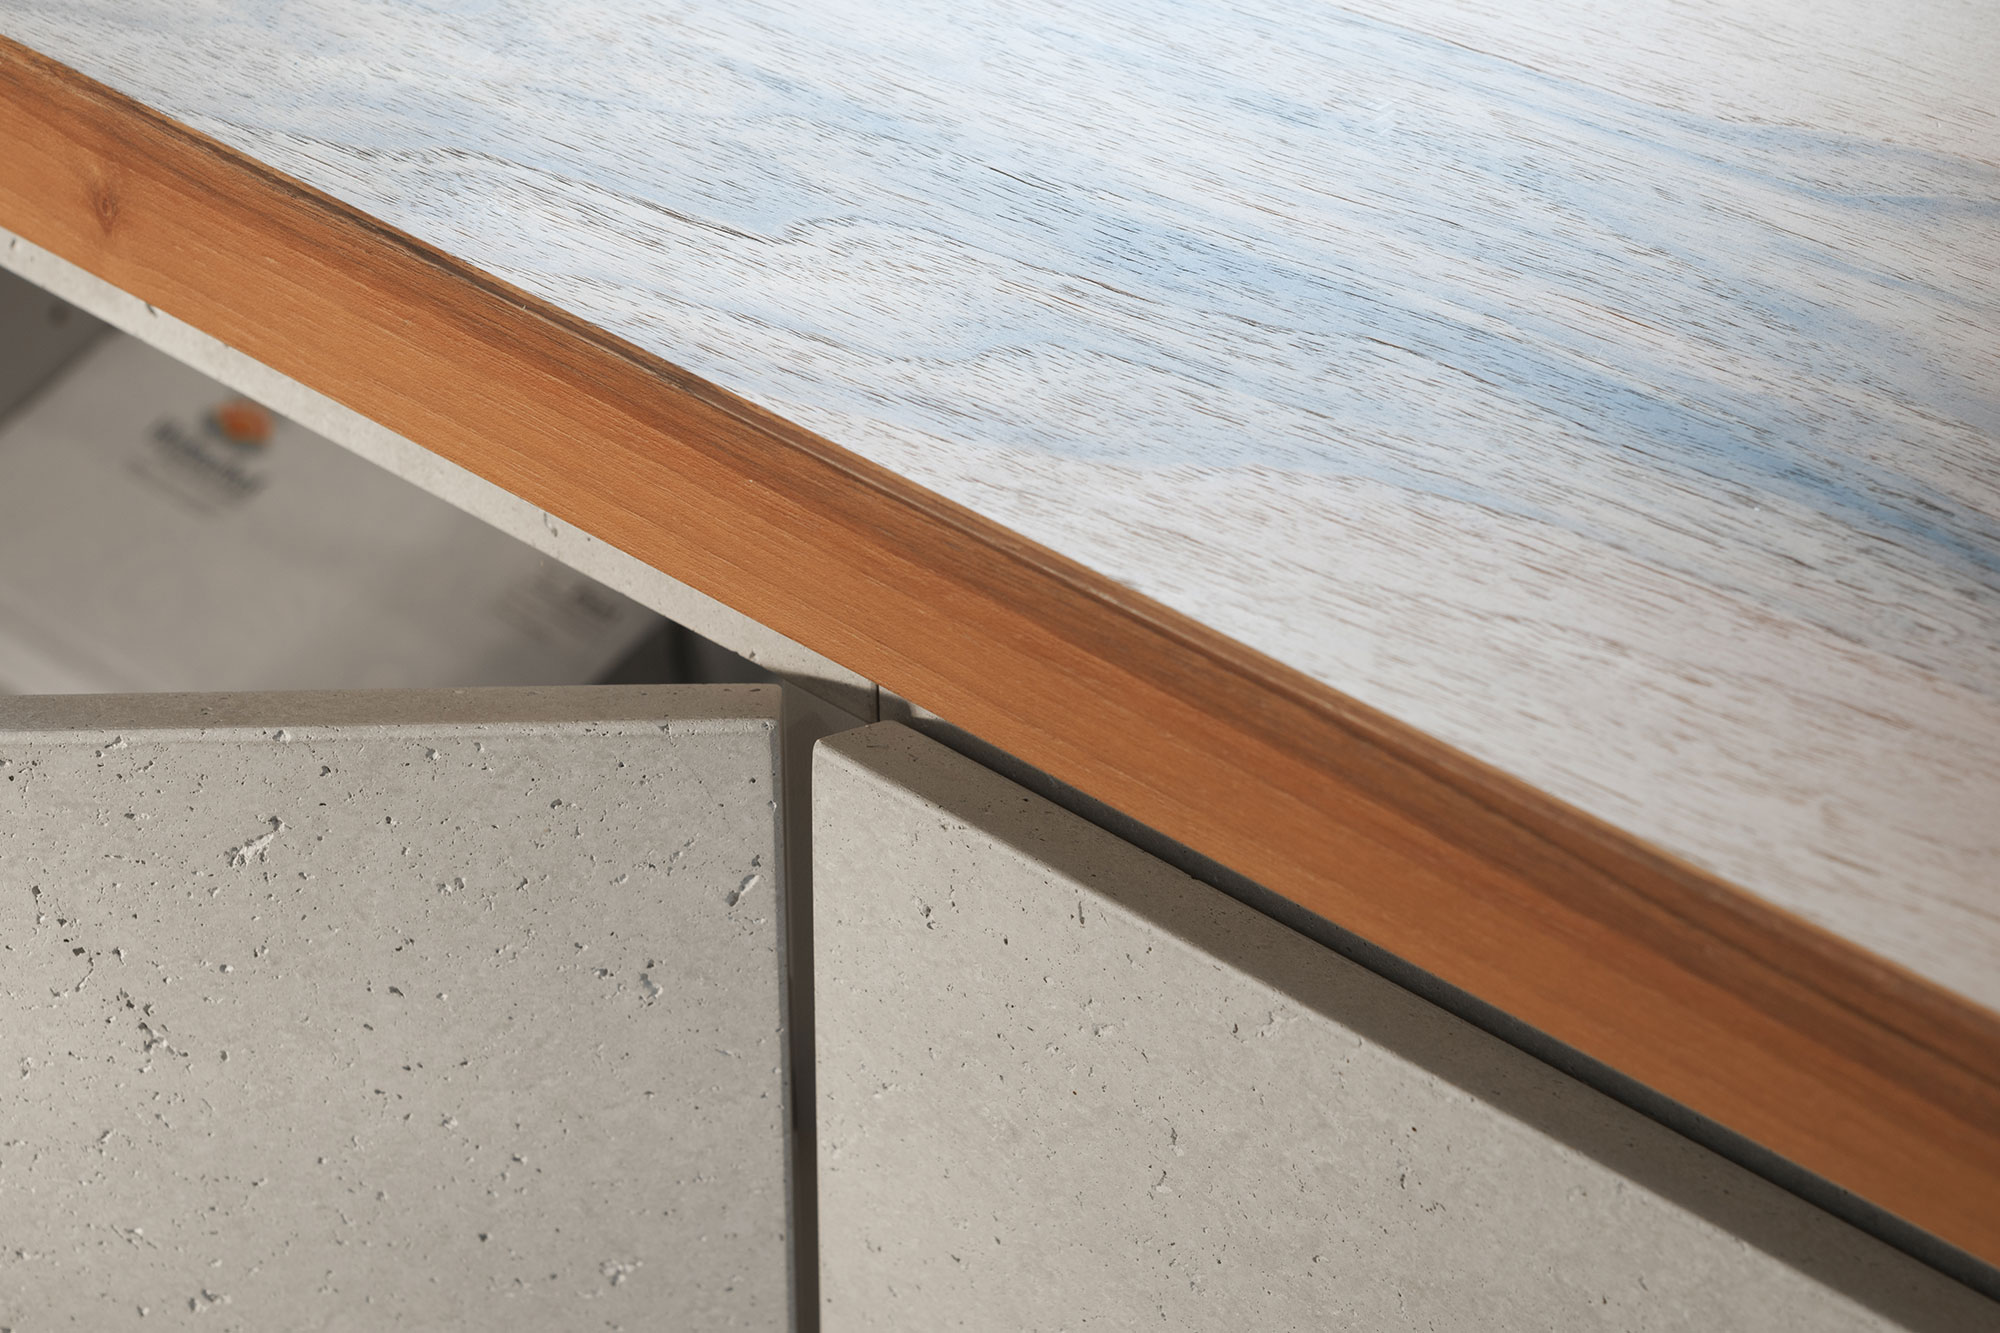 Tischlerei Stöckl Ebbs Büro Büroeinrichtung Inneneinrichtung Möbel Holz Schreibtisch Detailaufnahme